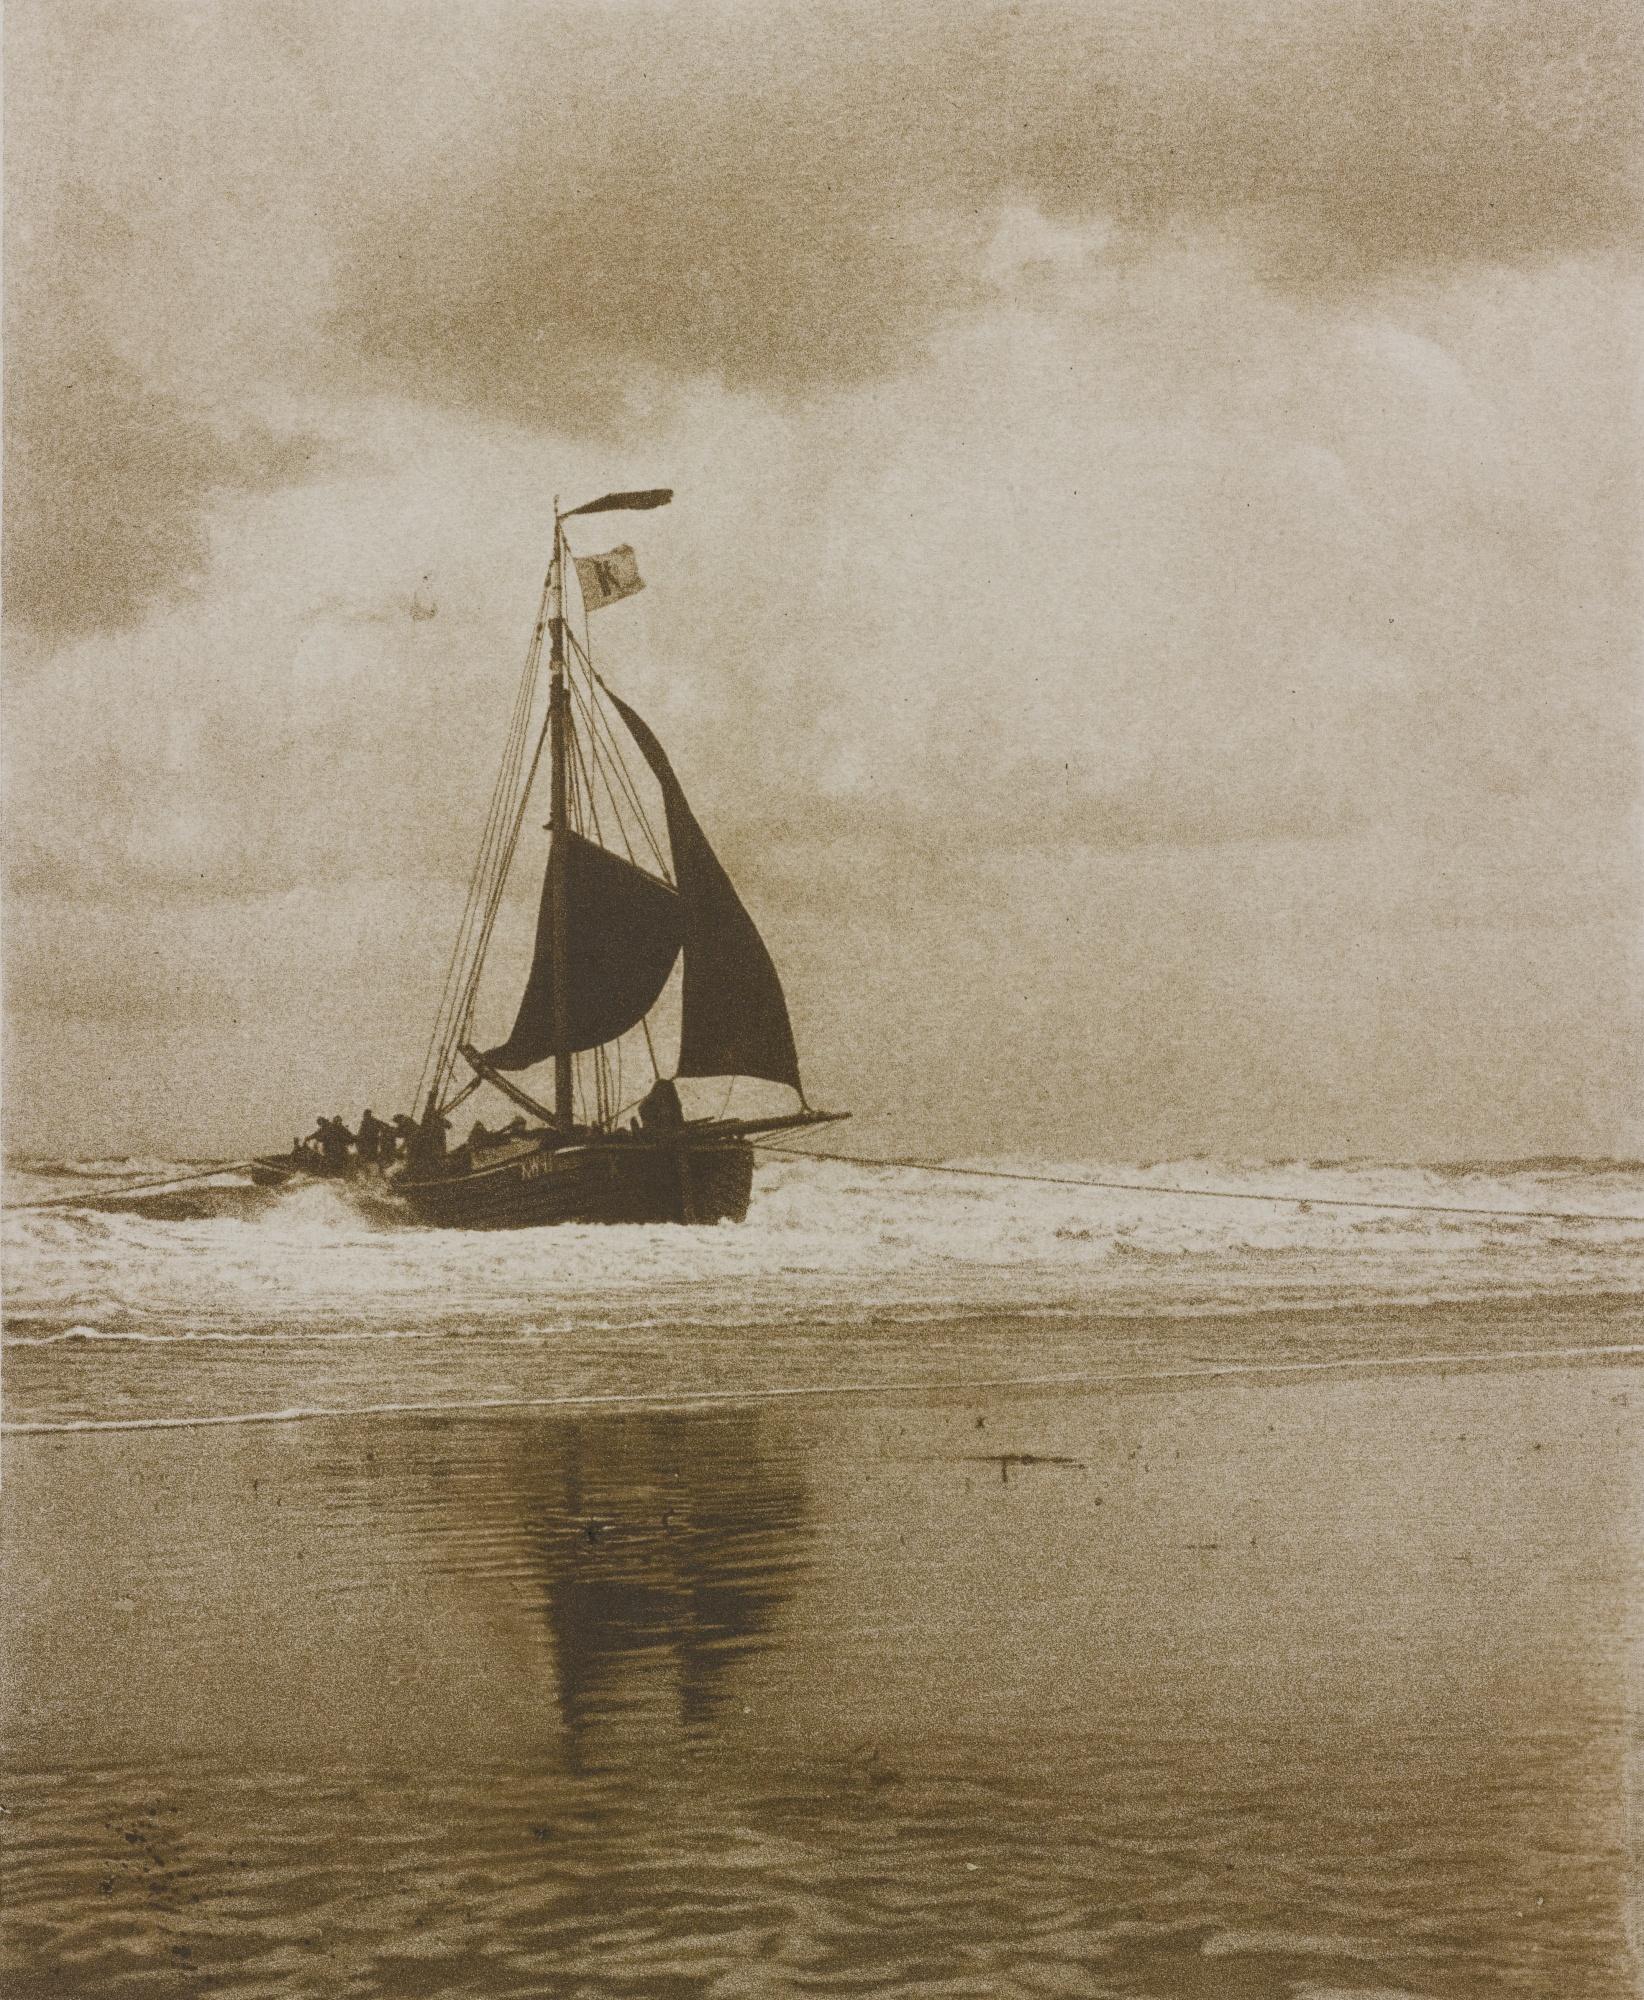 Alfred Stieglitz-The Incoming Boat (Greenough 229)-1894